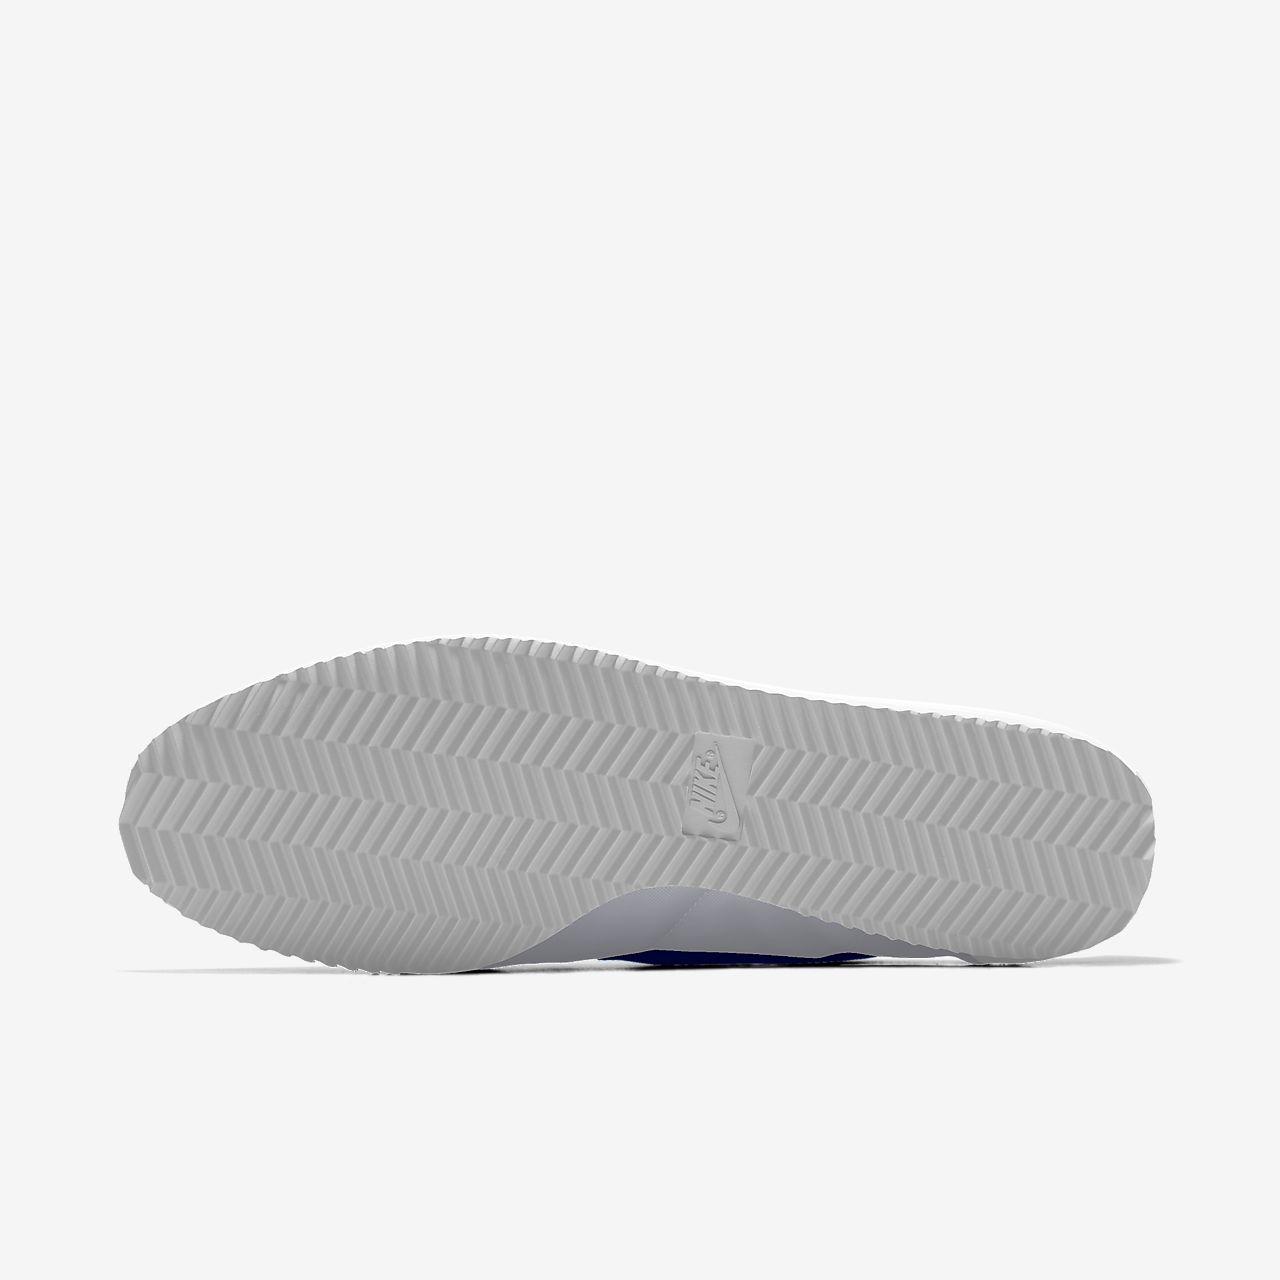 Nike Classic Cortez By You Custom Men's Shoe